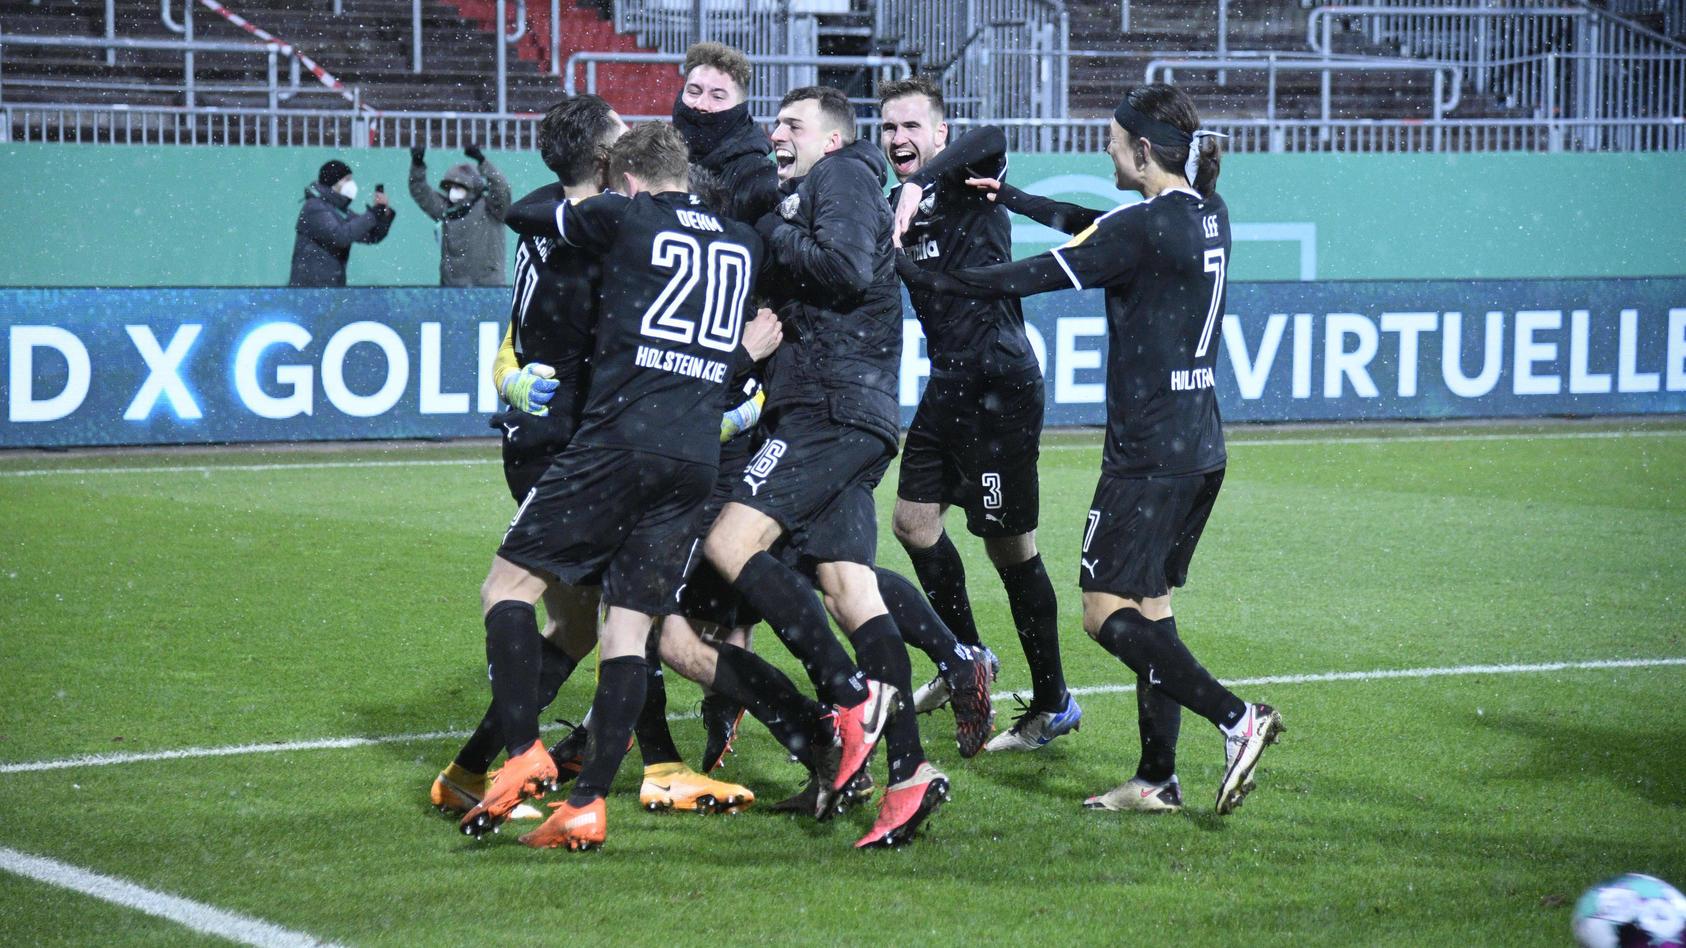 Riesenjubel bei Holstein Kiel nach dem Sieg gegen den FC Bayern.